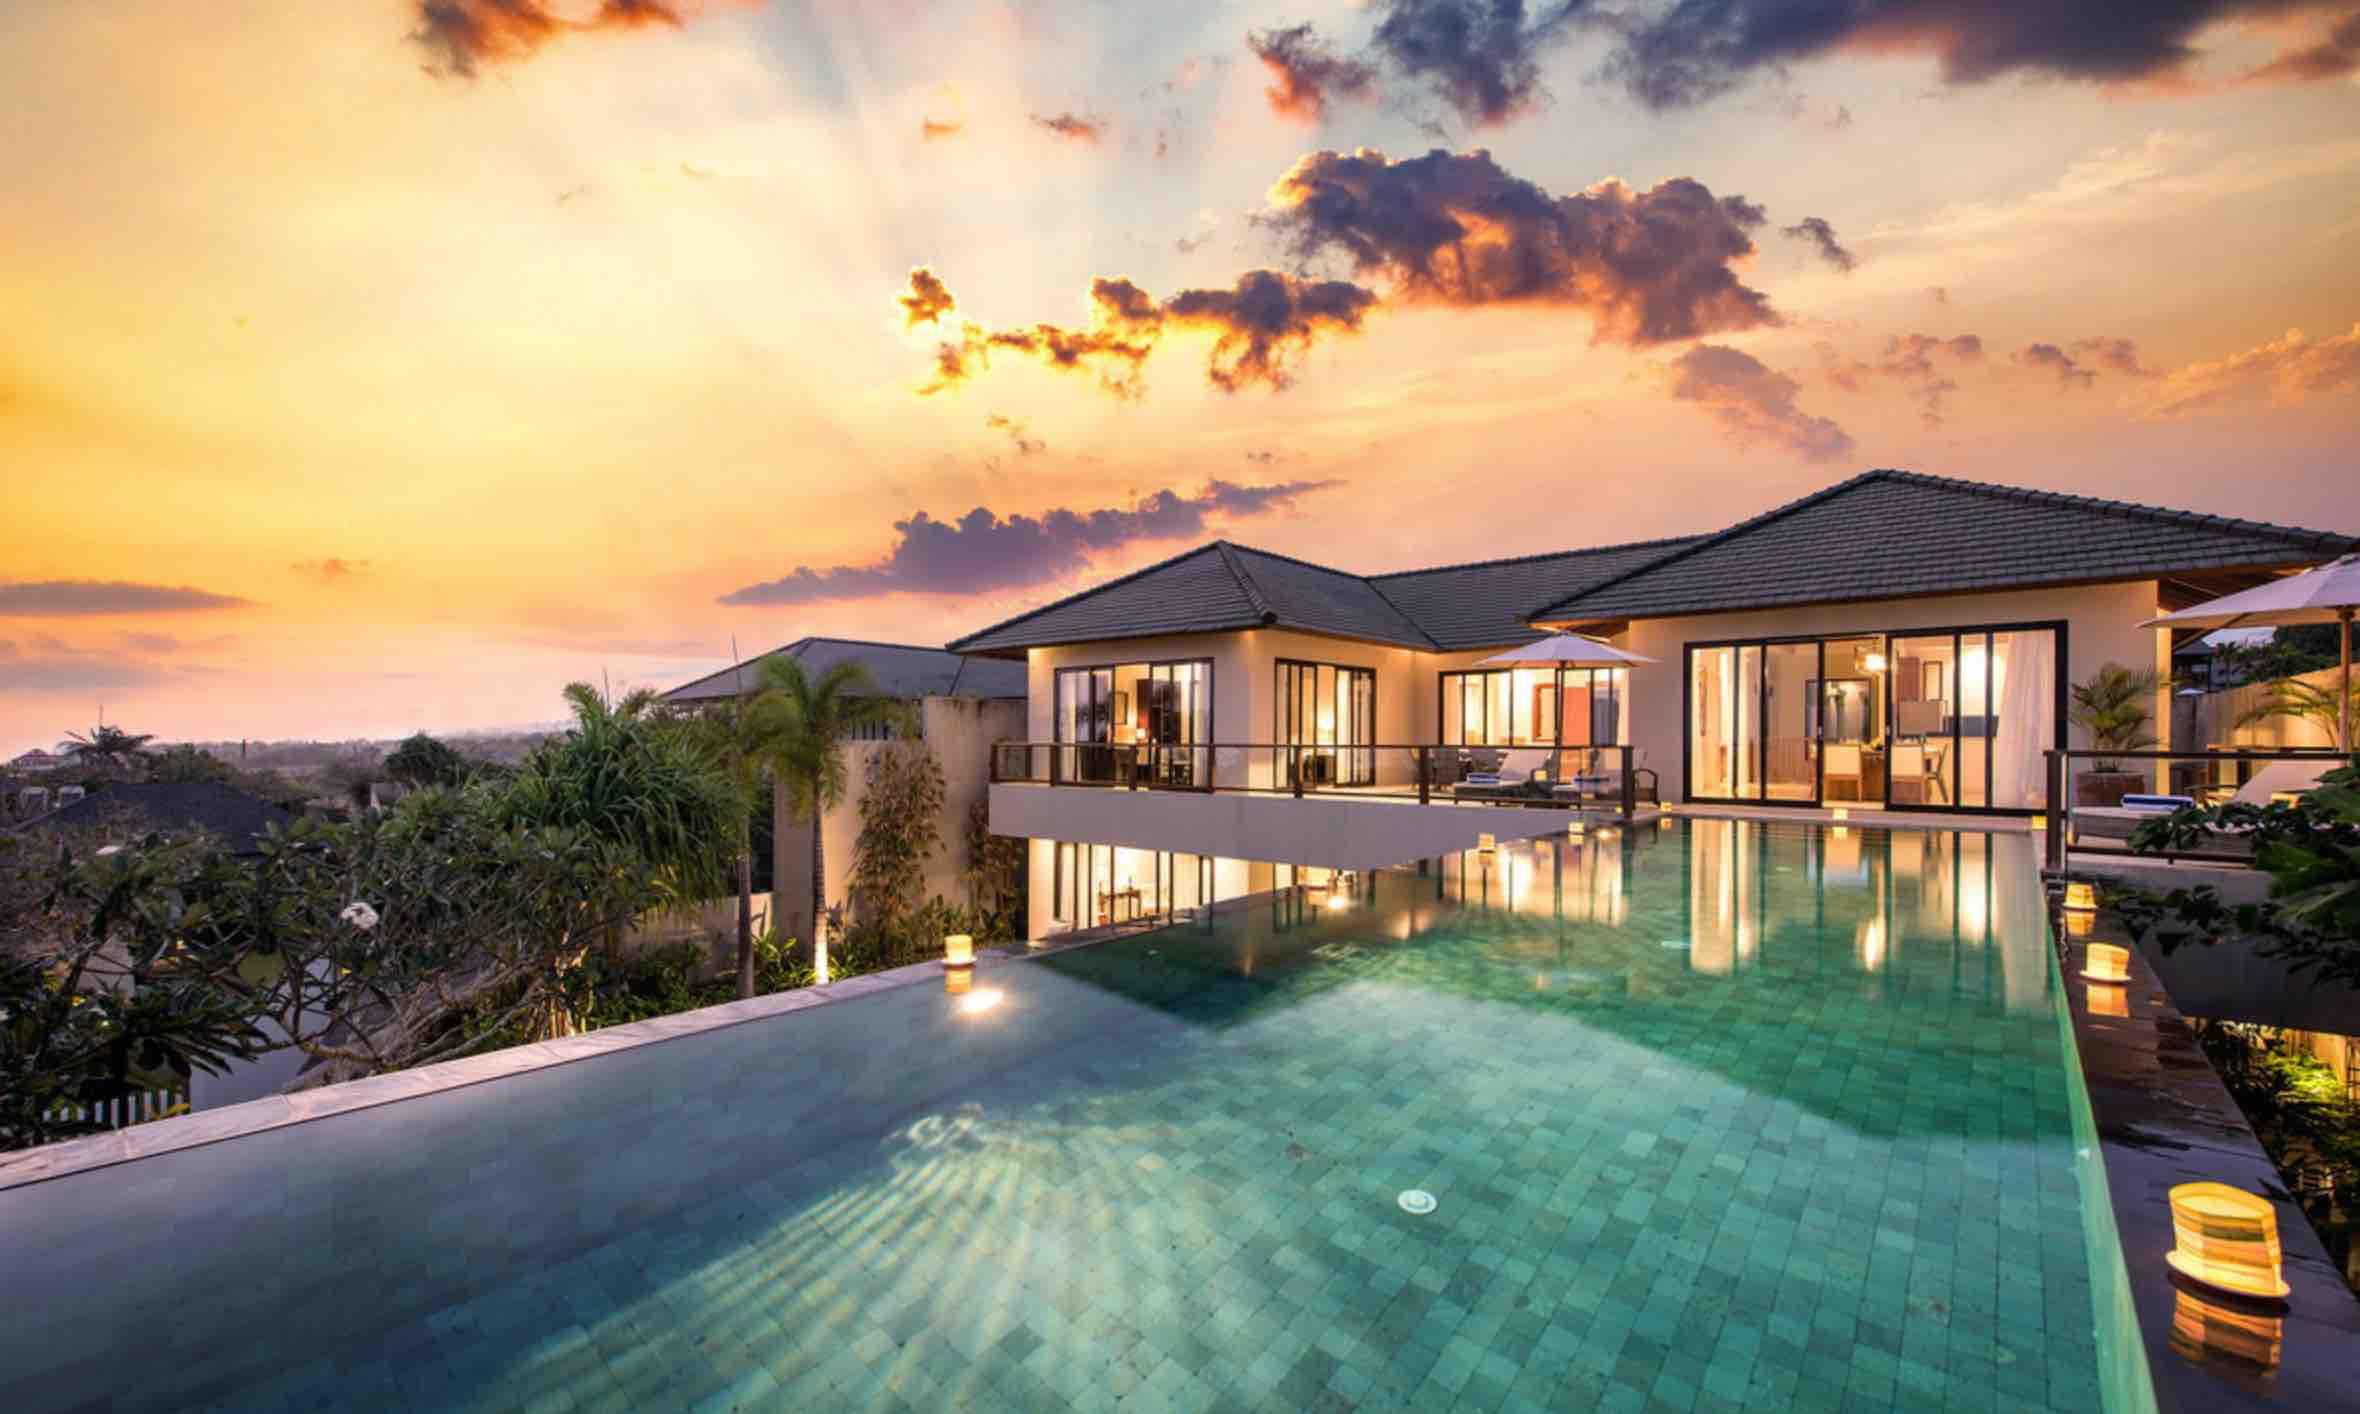 where to stay in Bali - villa dewi lanjar in uluwatu